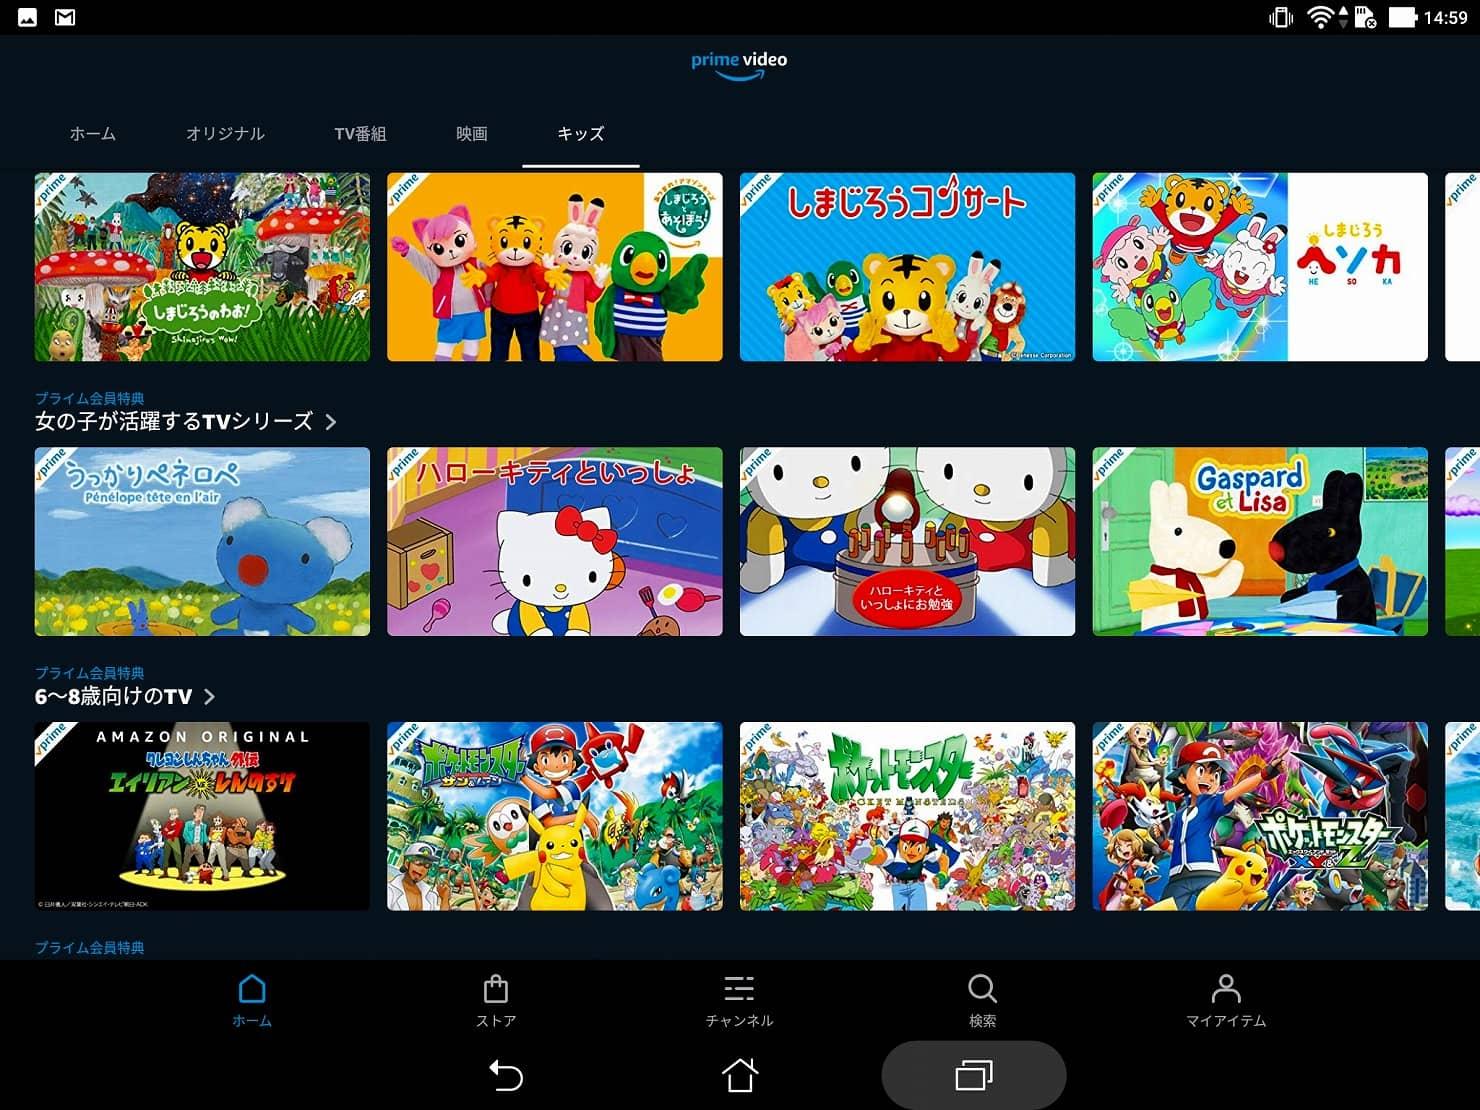 子供に見せる動画配信サービスはどれがおすすめ? 各社で見られるアニメや番組一覧を比較!